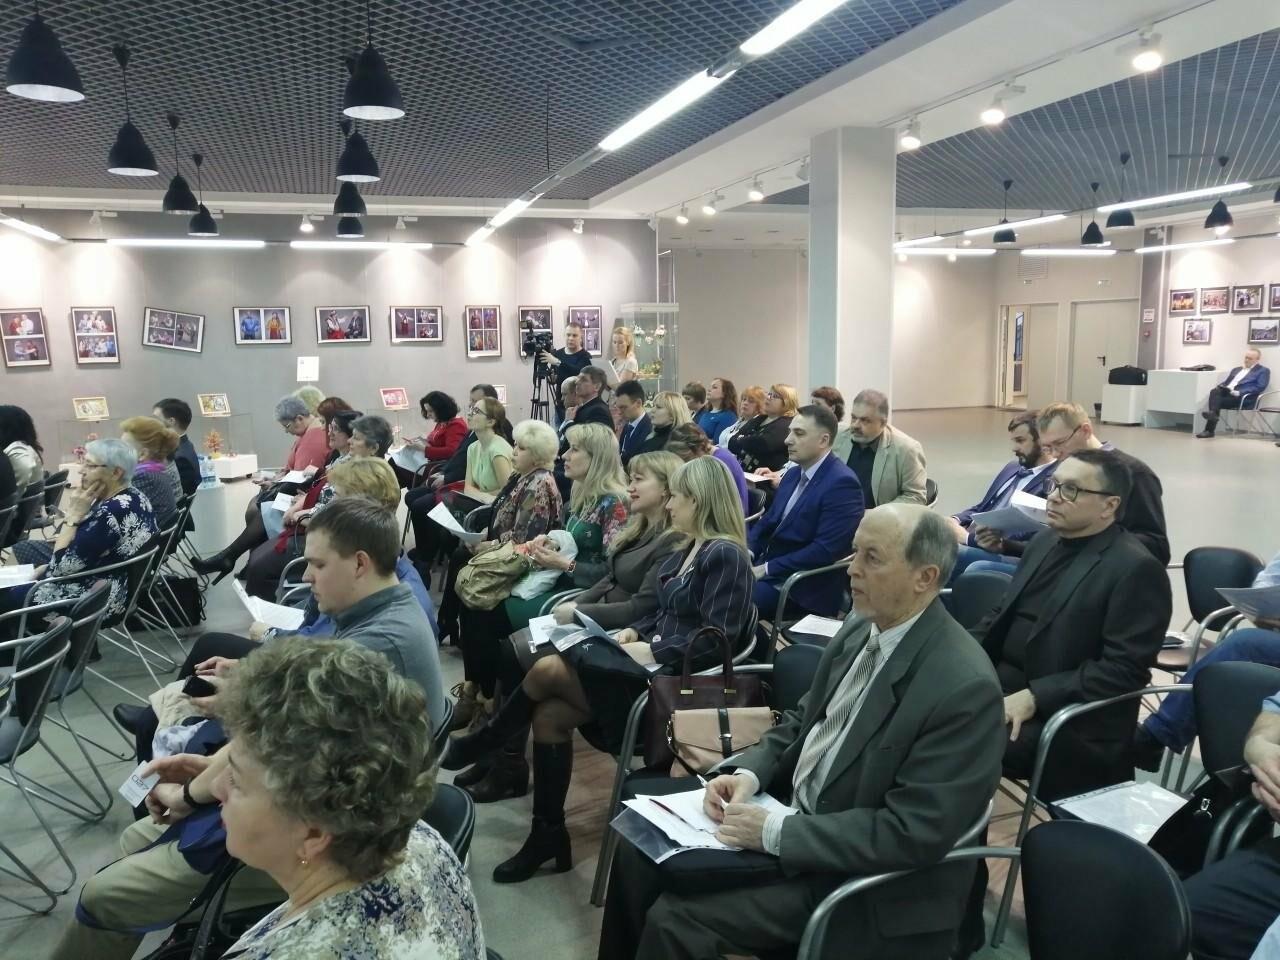 Необходимо системно информировать граждан о результатах реализации проектов, активизировать все институты гражданского общества и самих граждан - Пресс-центр Госсовета РК